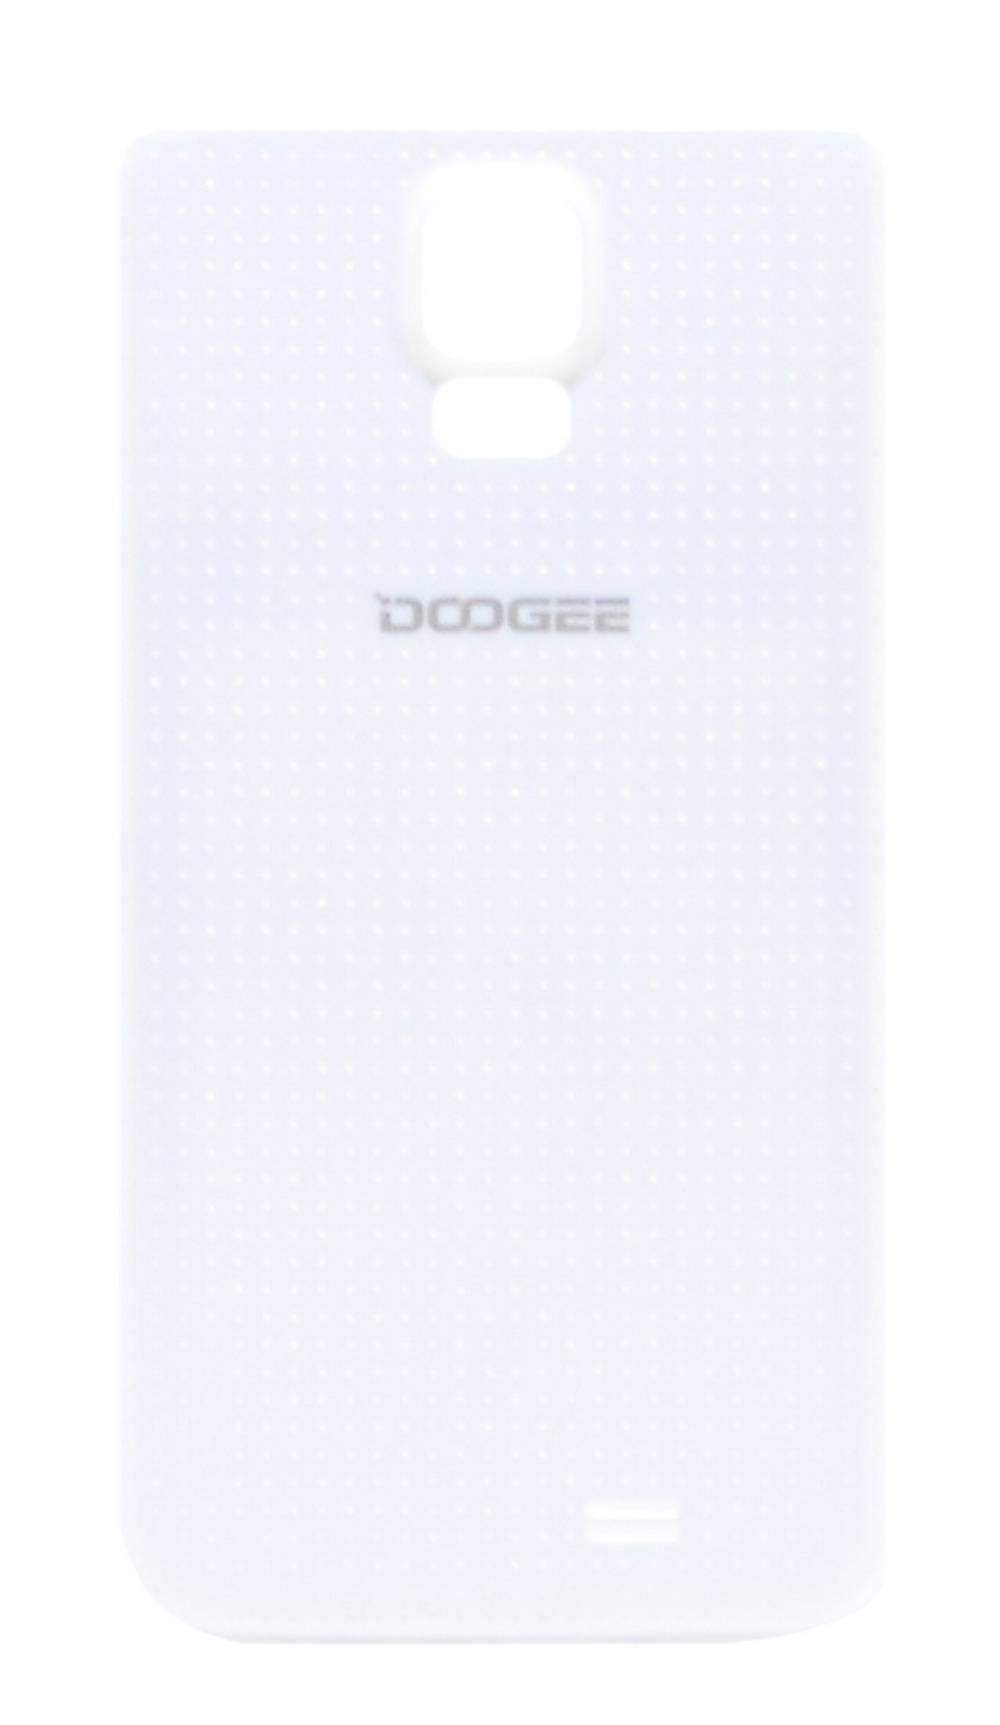 Καπάκι Μπαταρίας Doogee Voyager2 DG310 Λευκό Original